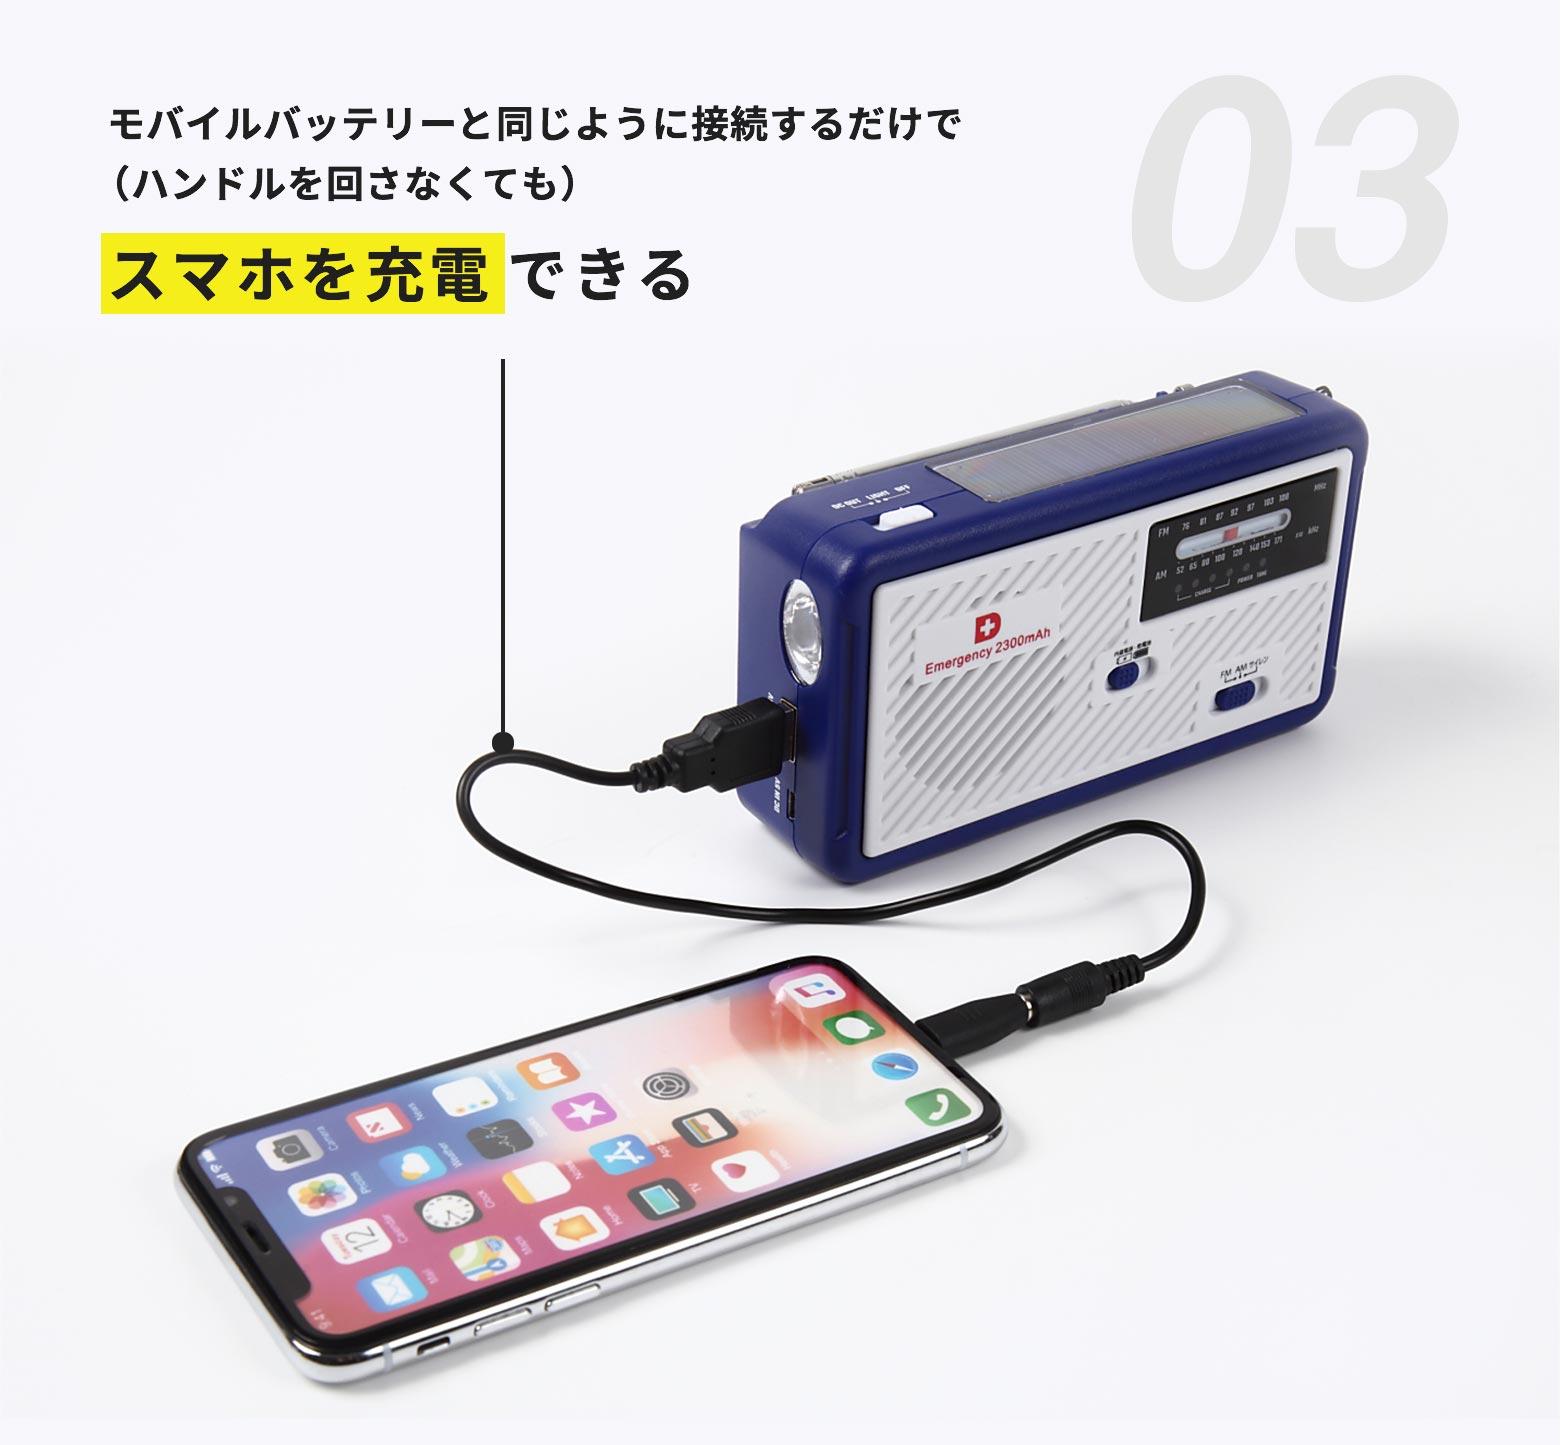 モバイルバッテリーと同じように接続するだけで(ハンドルを回さなくても)スマホを充電できる